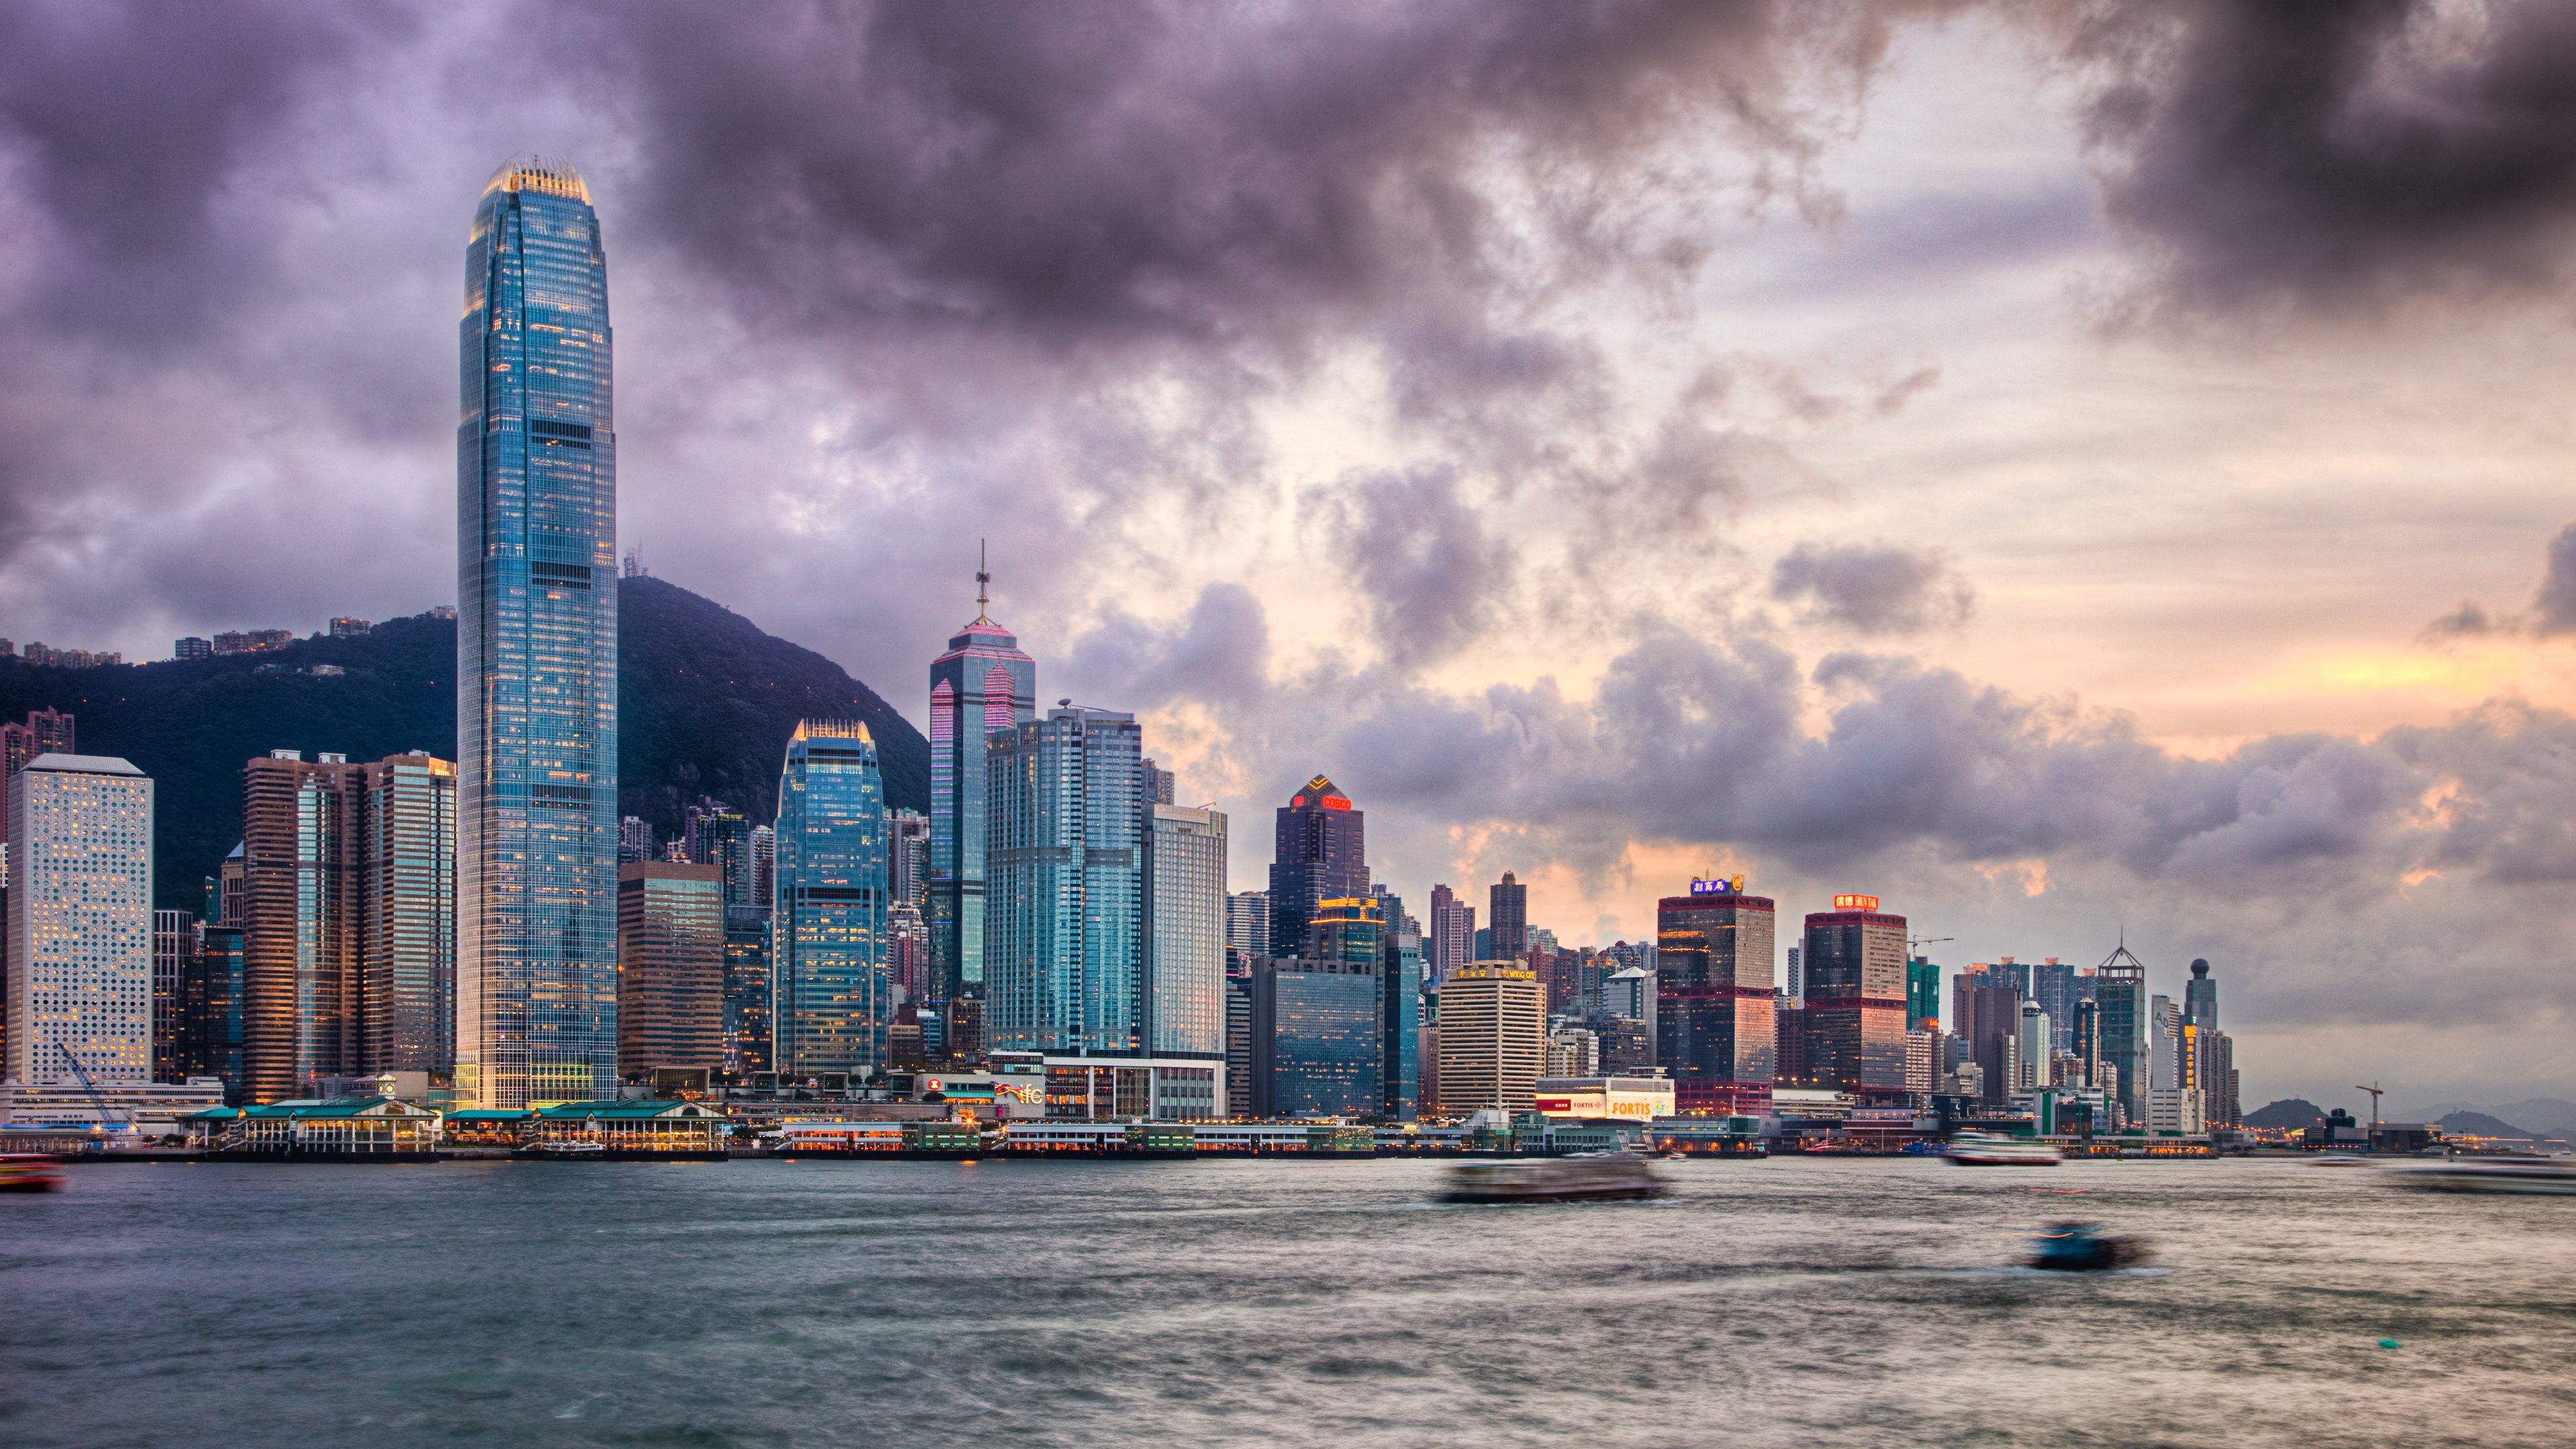 hongkong vs shanghai